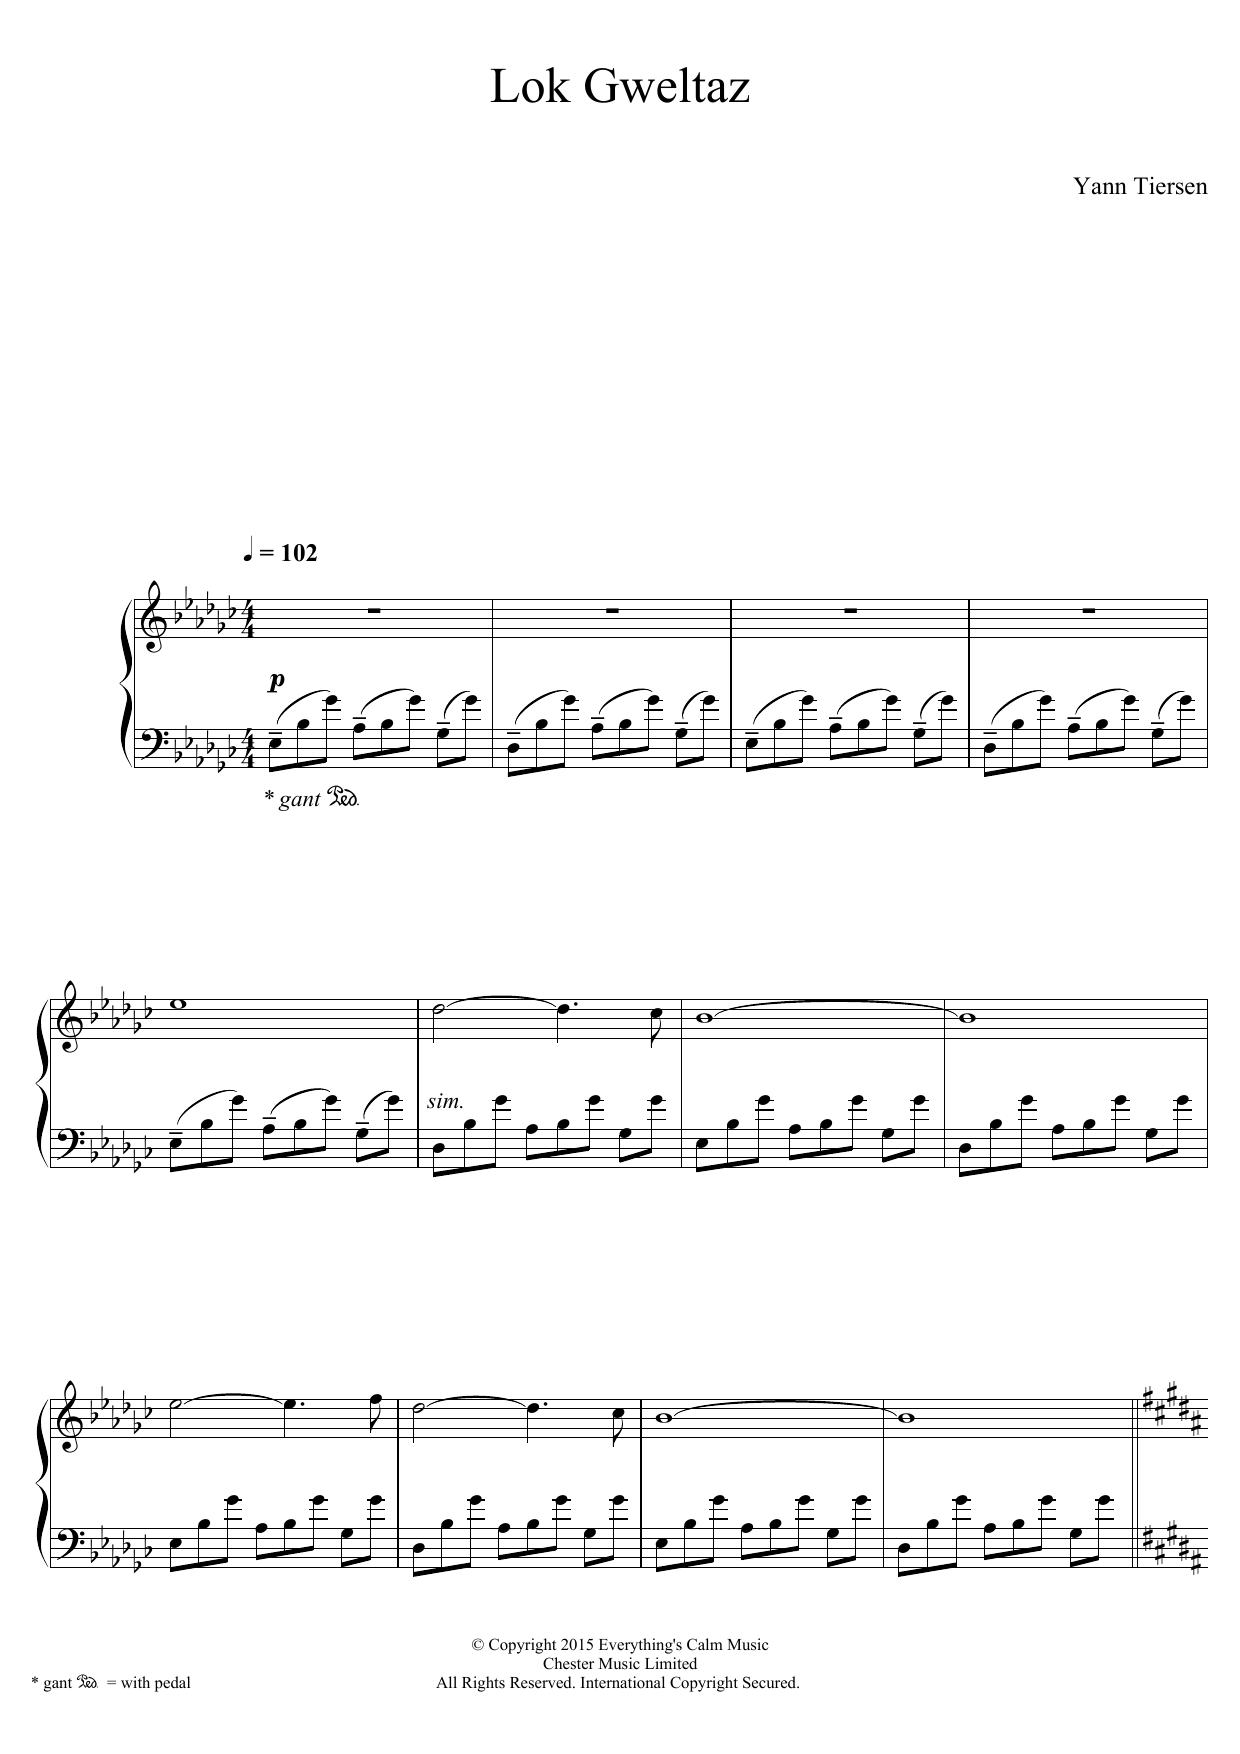 Yann Tiersen - Lok Gweltaz